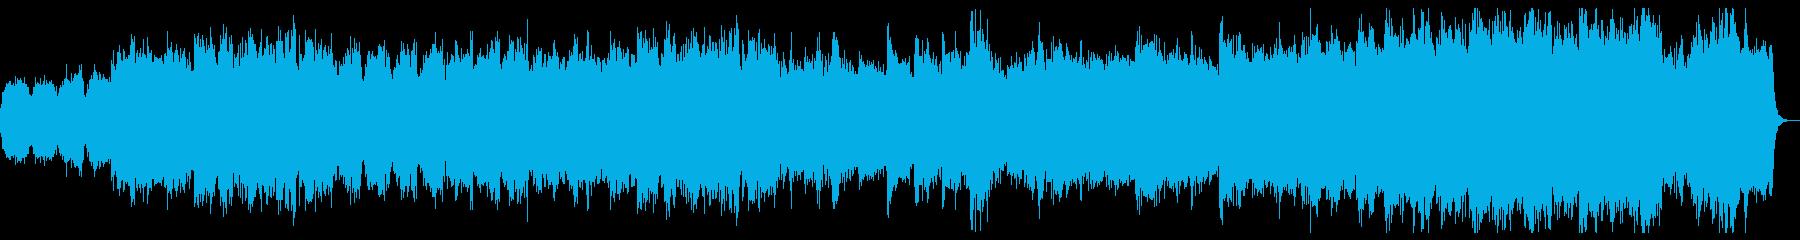 弦楽器主体のきれいなクラシック風ポップスの再生済みの波形